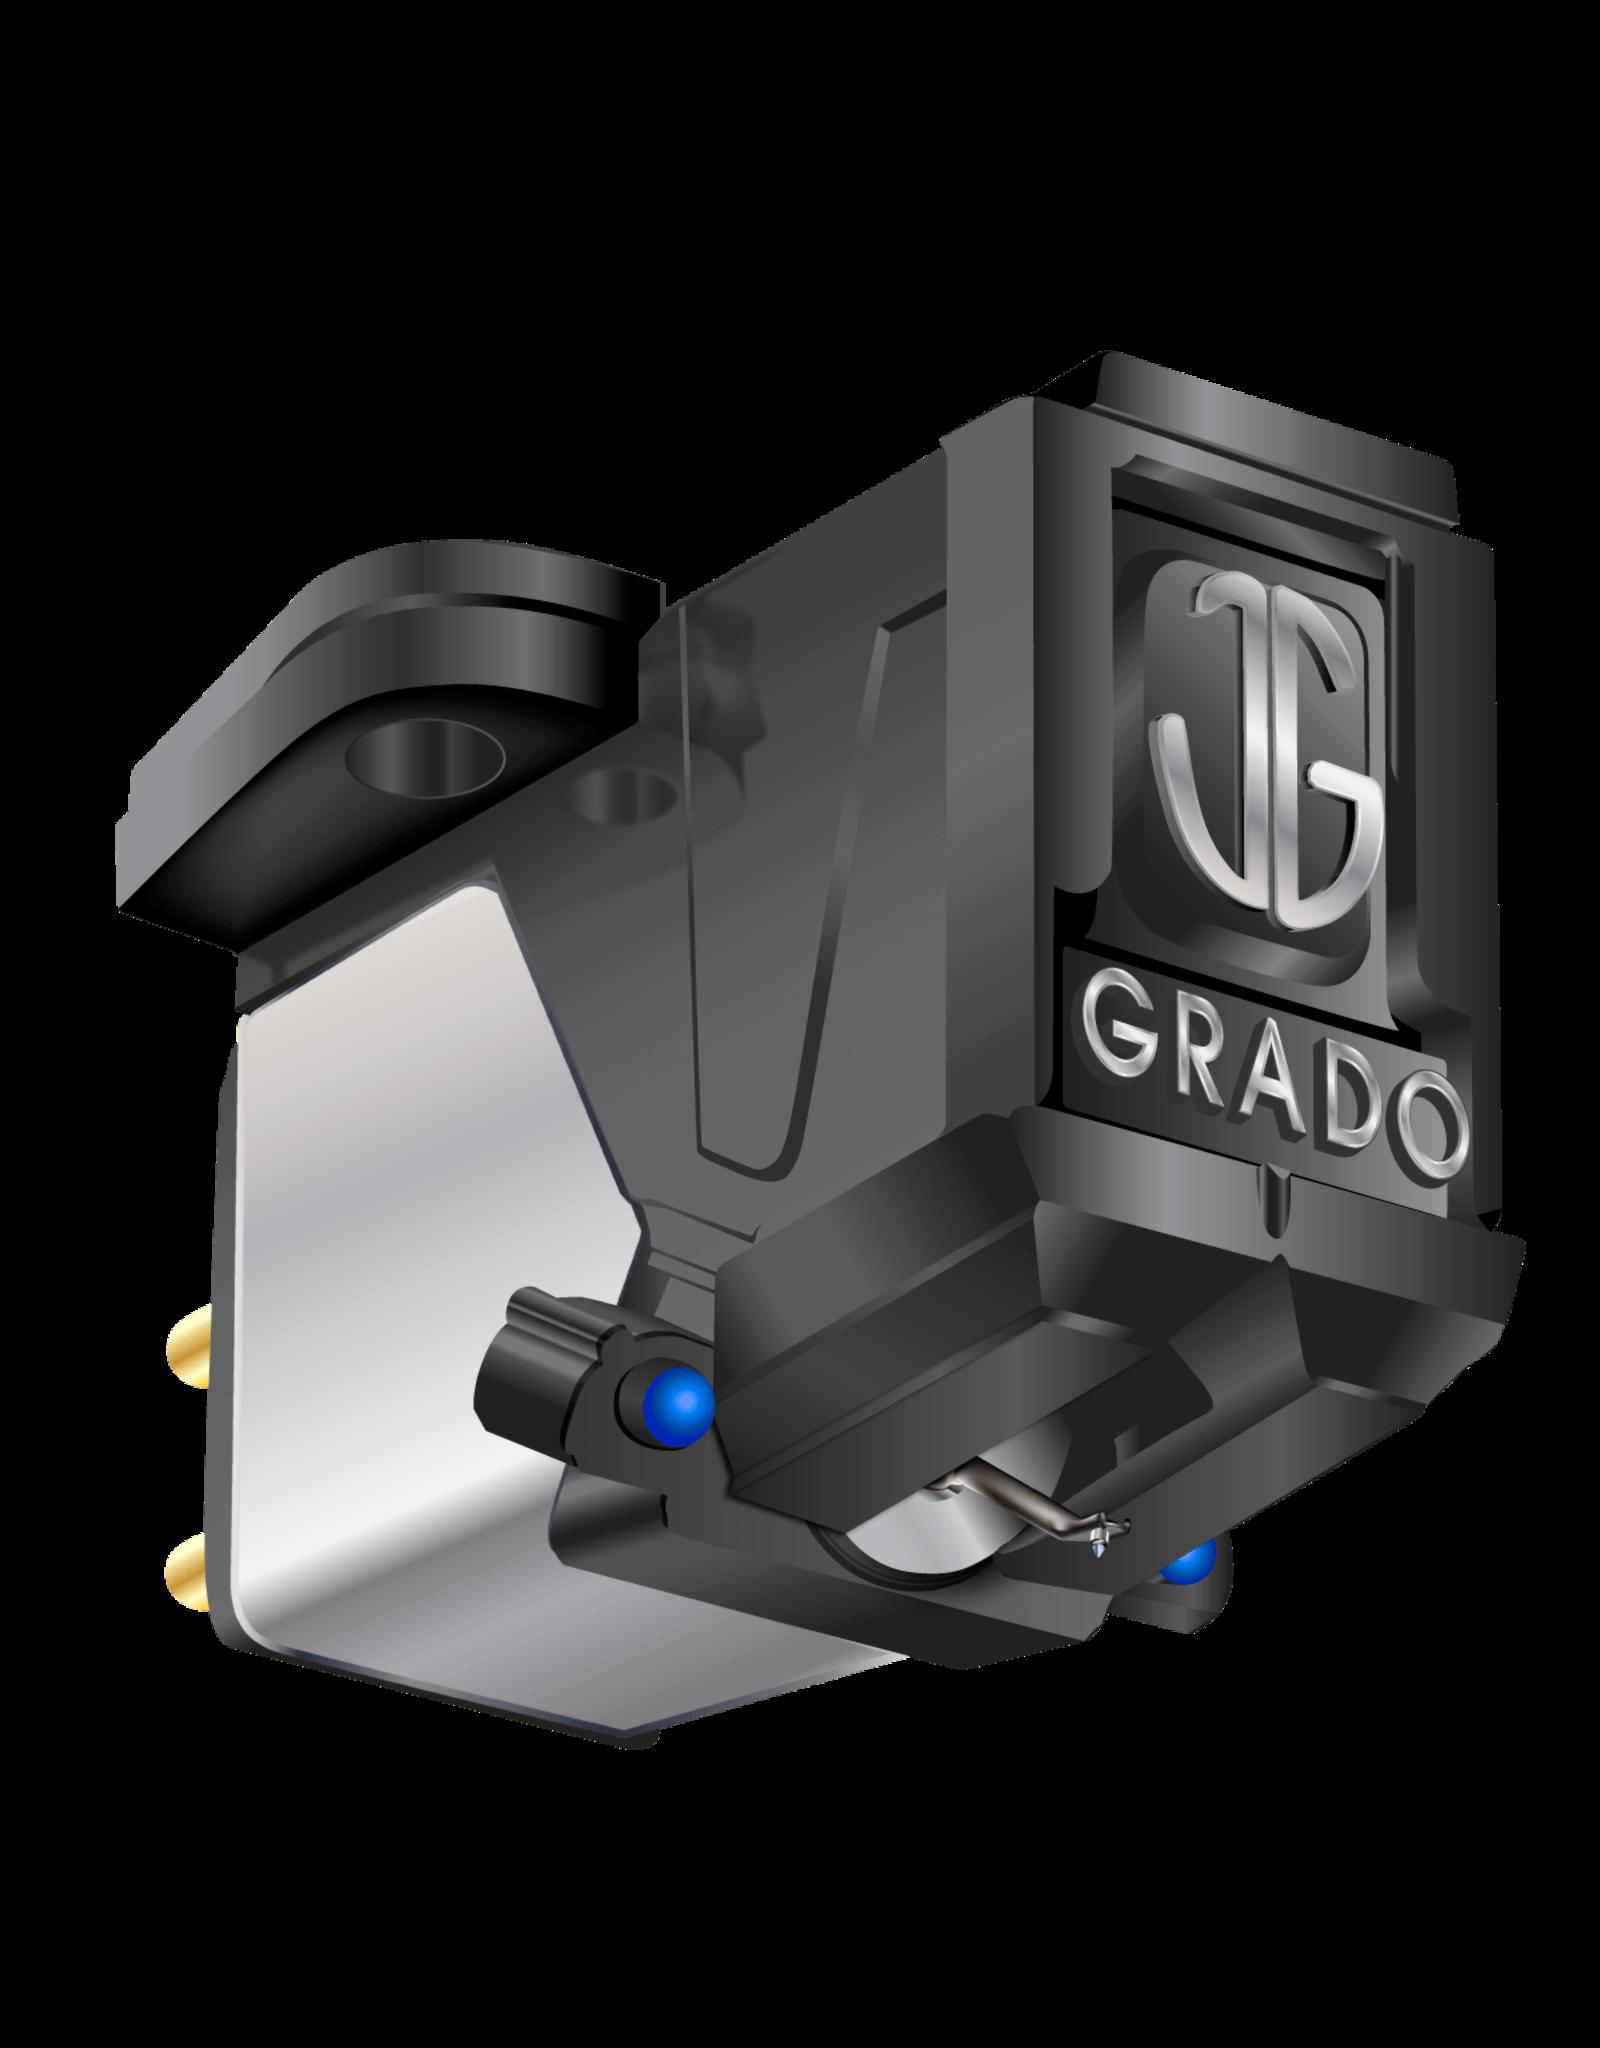 Grado Labs Grado Prestige Blue3 Phono Cartridge